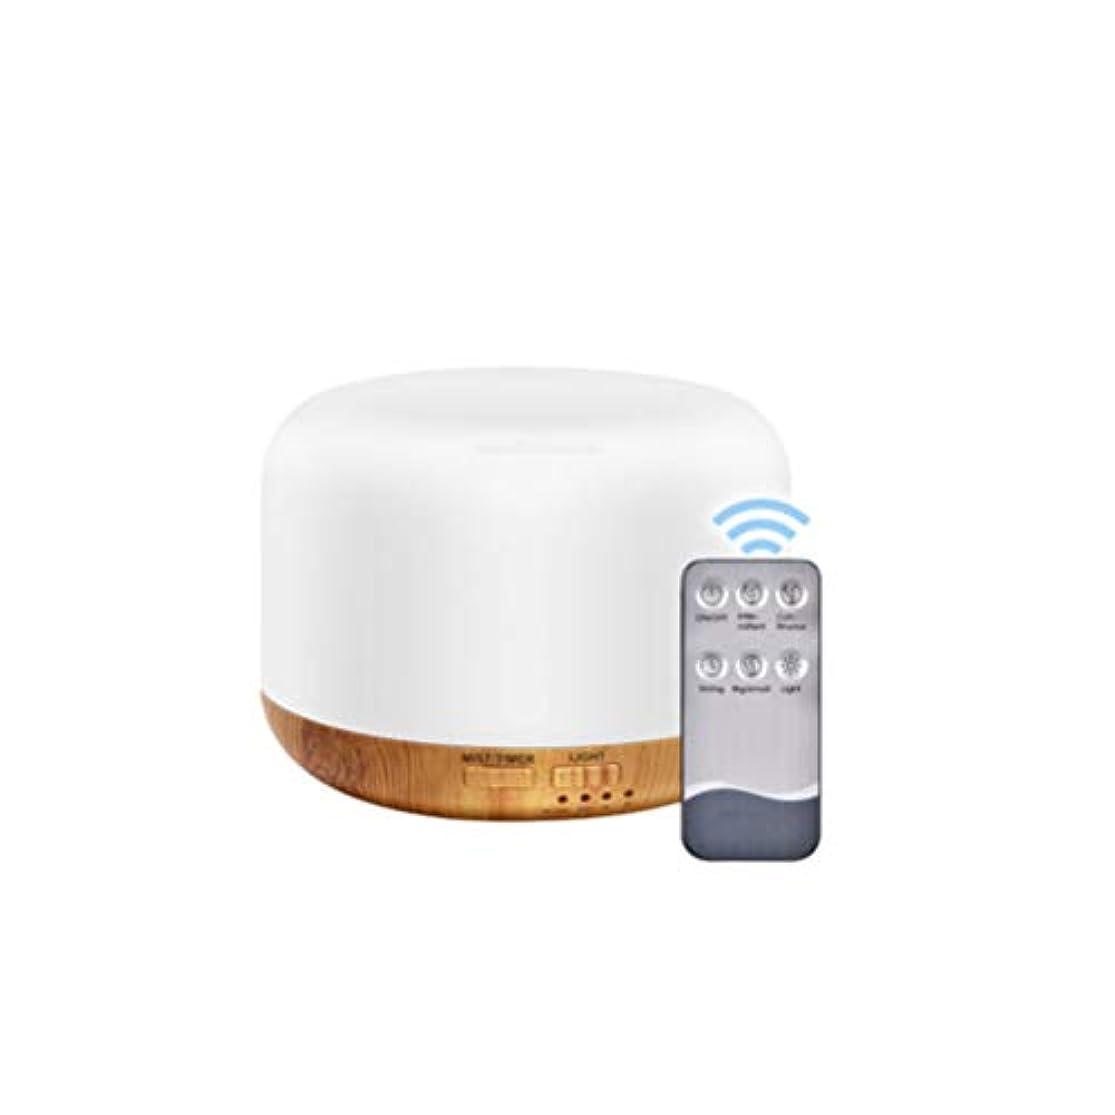 興奮するやけどコメンテーターHealifty Essential Oil Diffuser Aroma Essential Oil Cool Mist Humidifier Remote Control Colorful Aromatherapy...